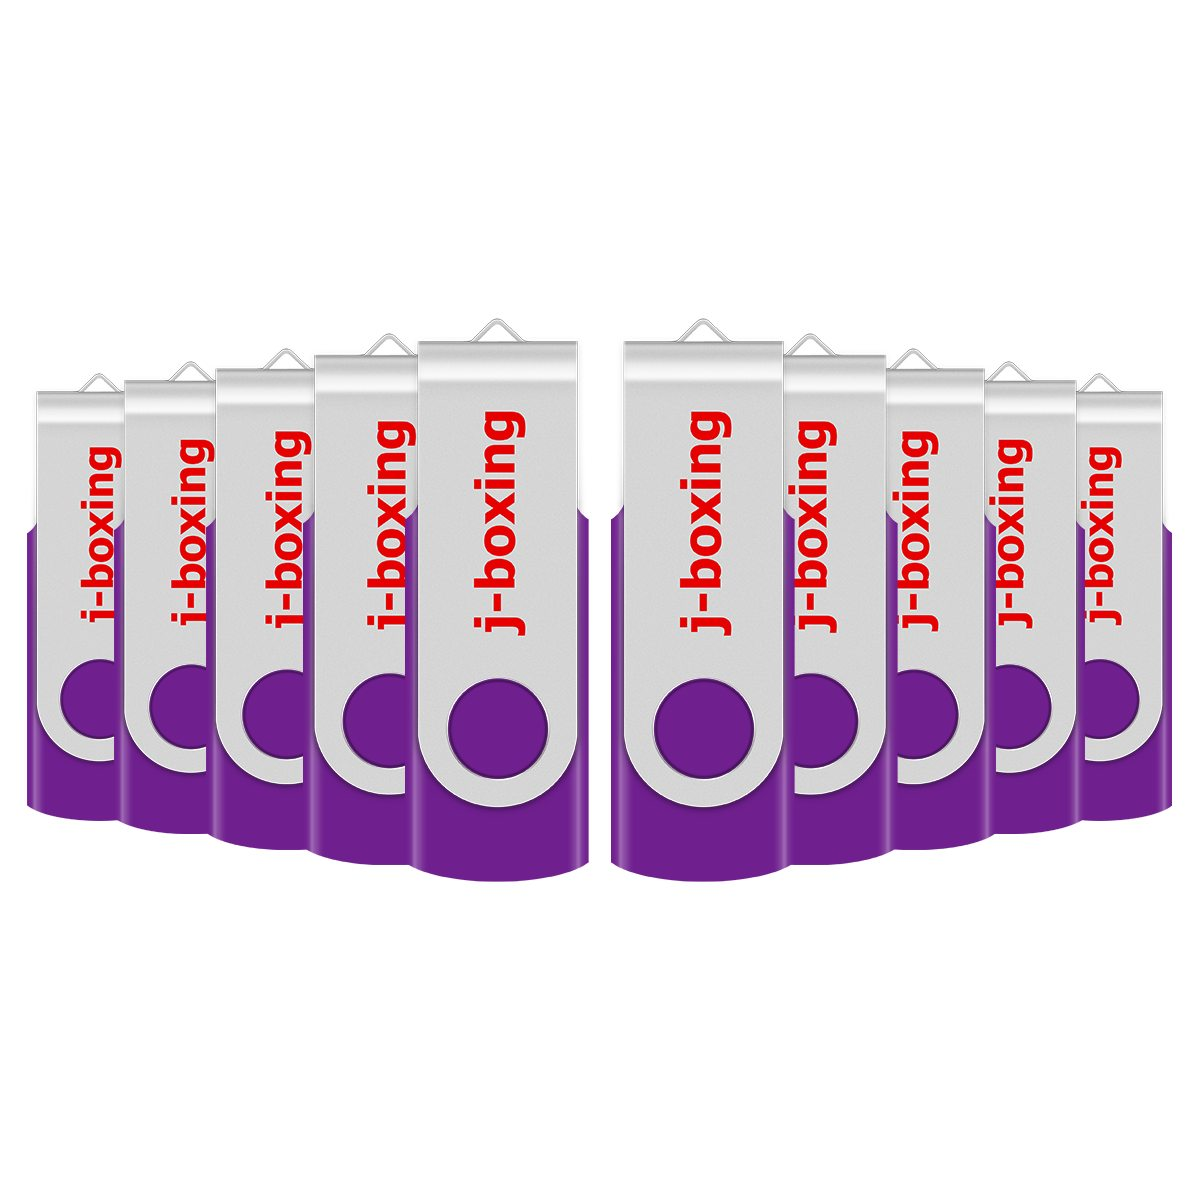 J-boxing Purple 32GB USB Flash Drive Metal Swivel Memory Stick Rotating Pen Drive Thumb Storage 1GB 2GB 4GB 8GB 16GB 10PCS/Pack